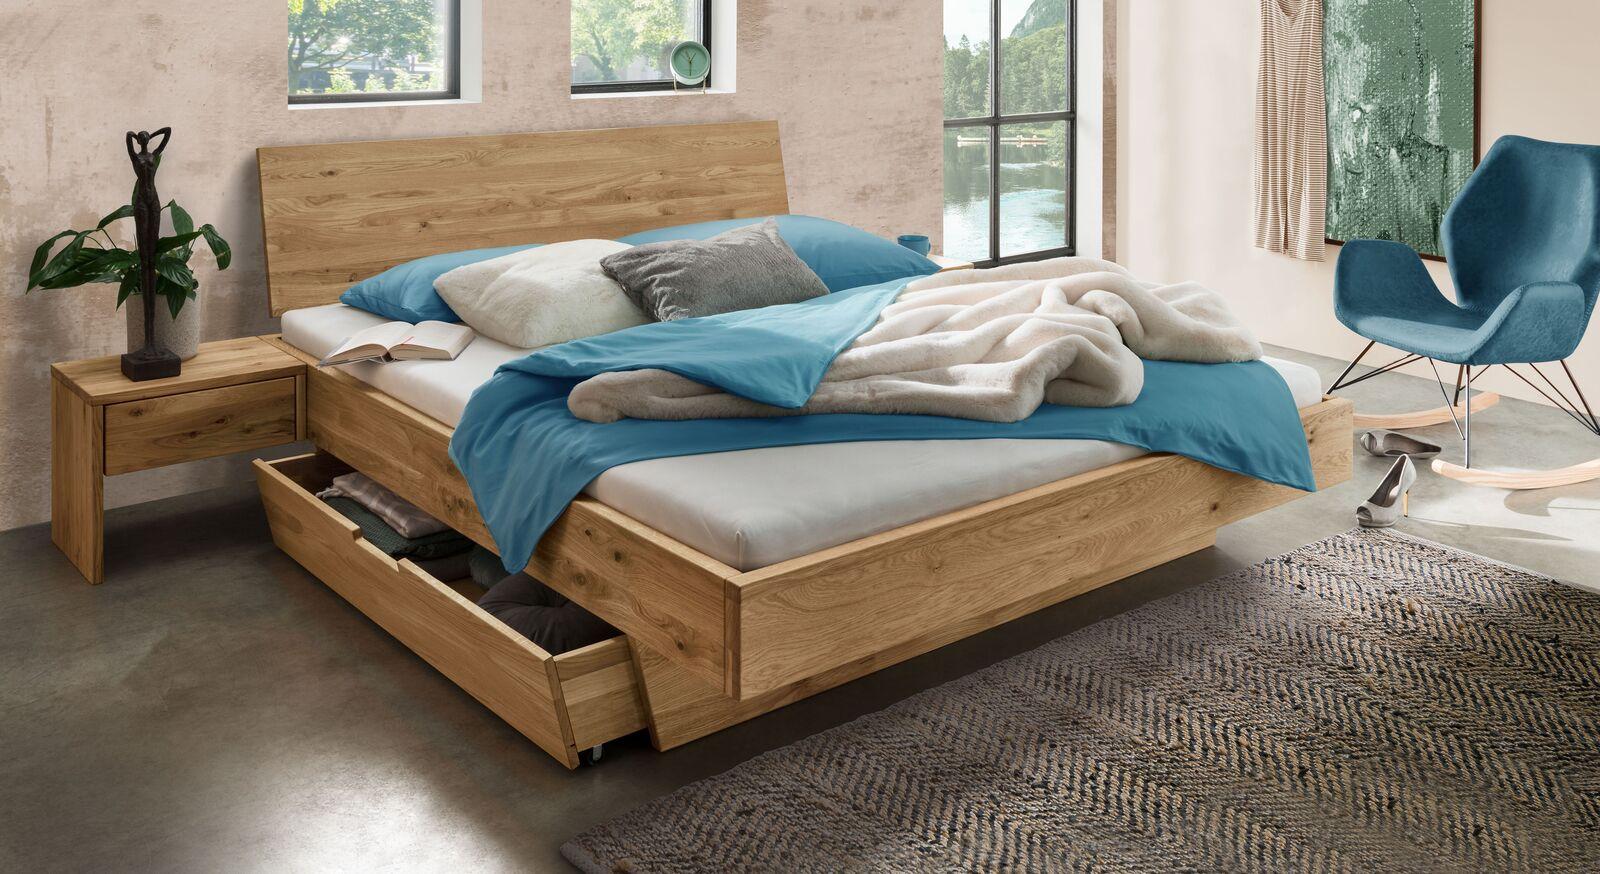 Schubkasten-Bett Adrien aus Wildeiche-Massivholz